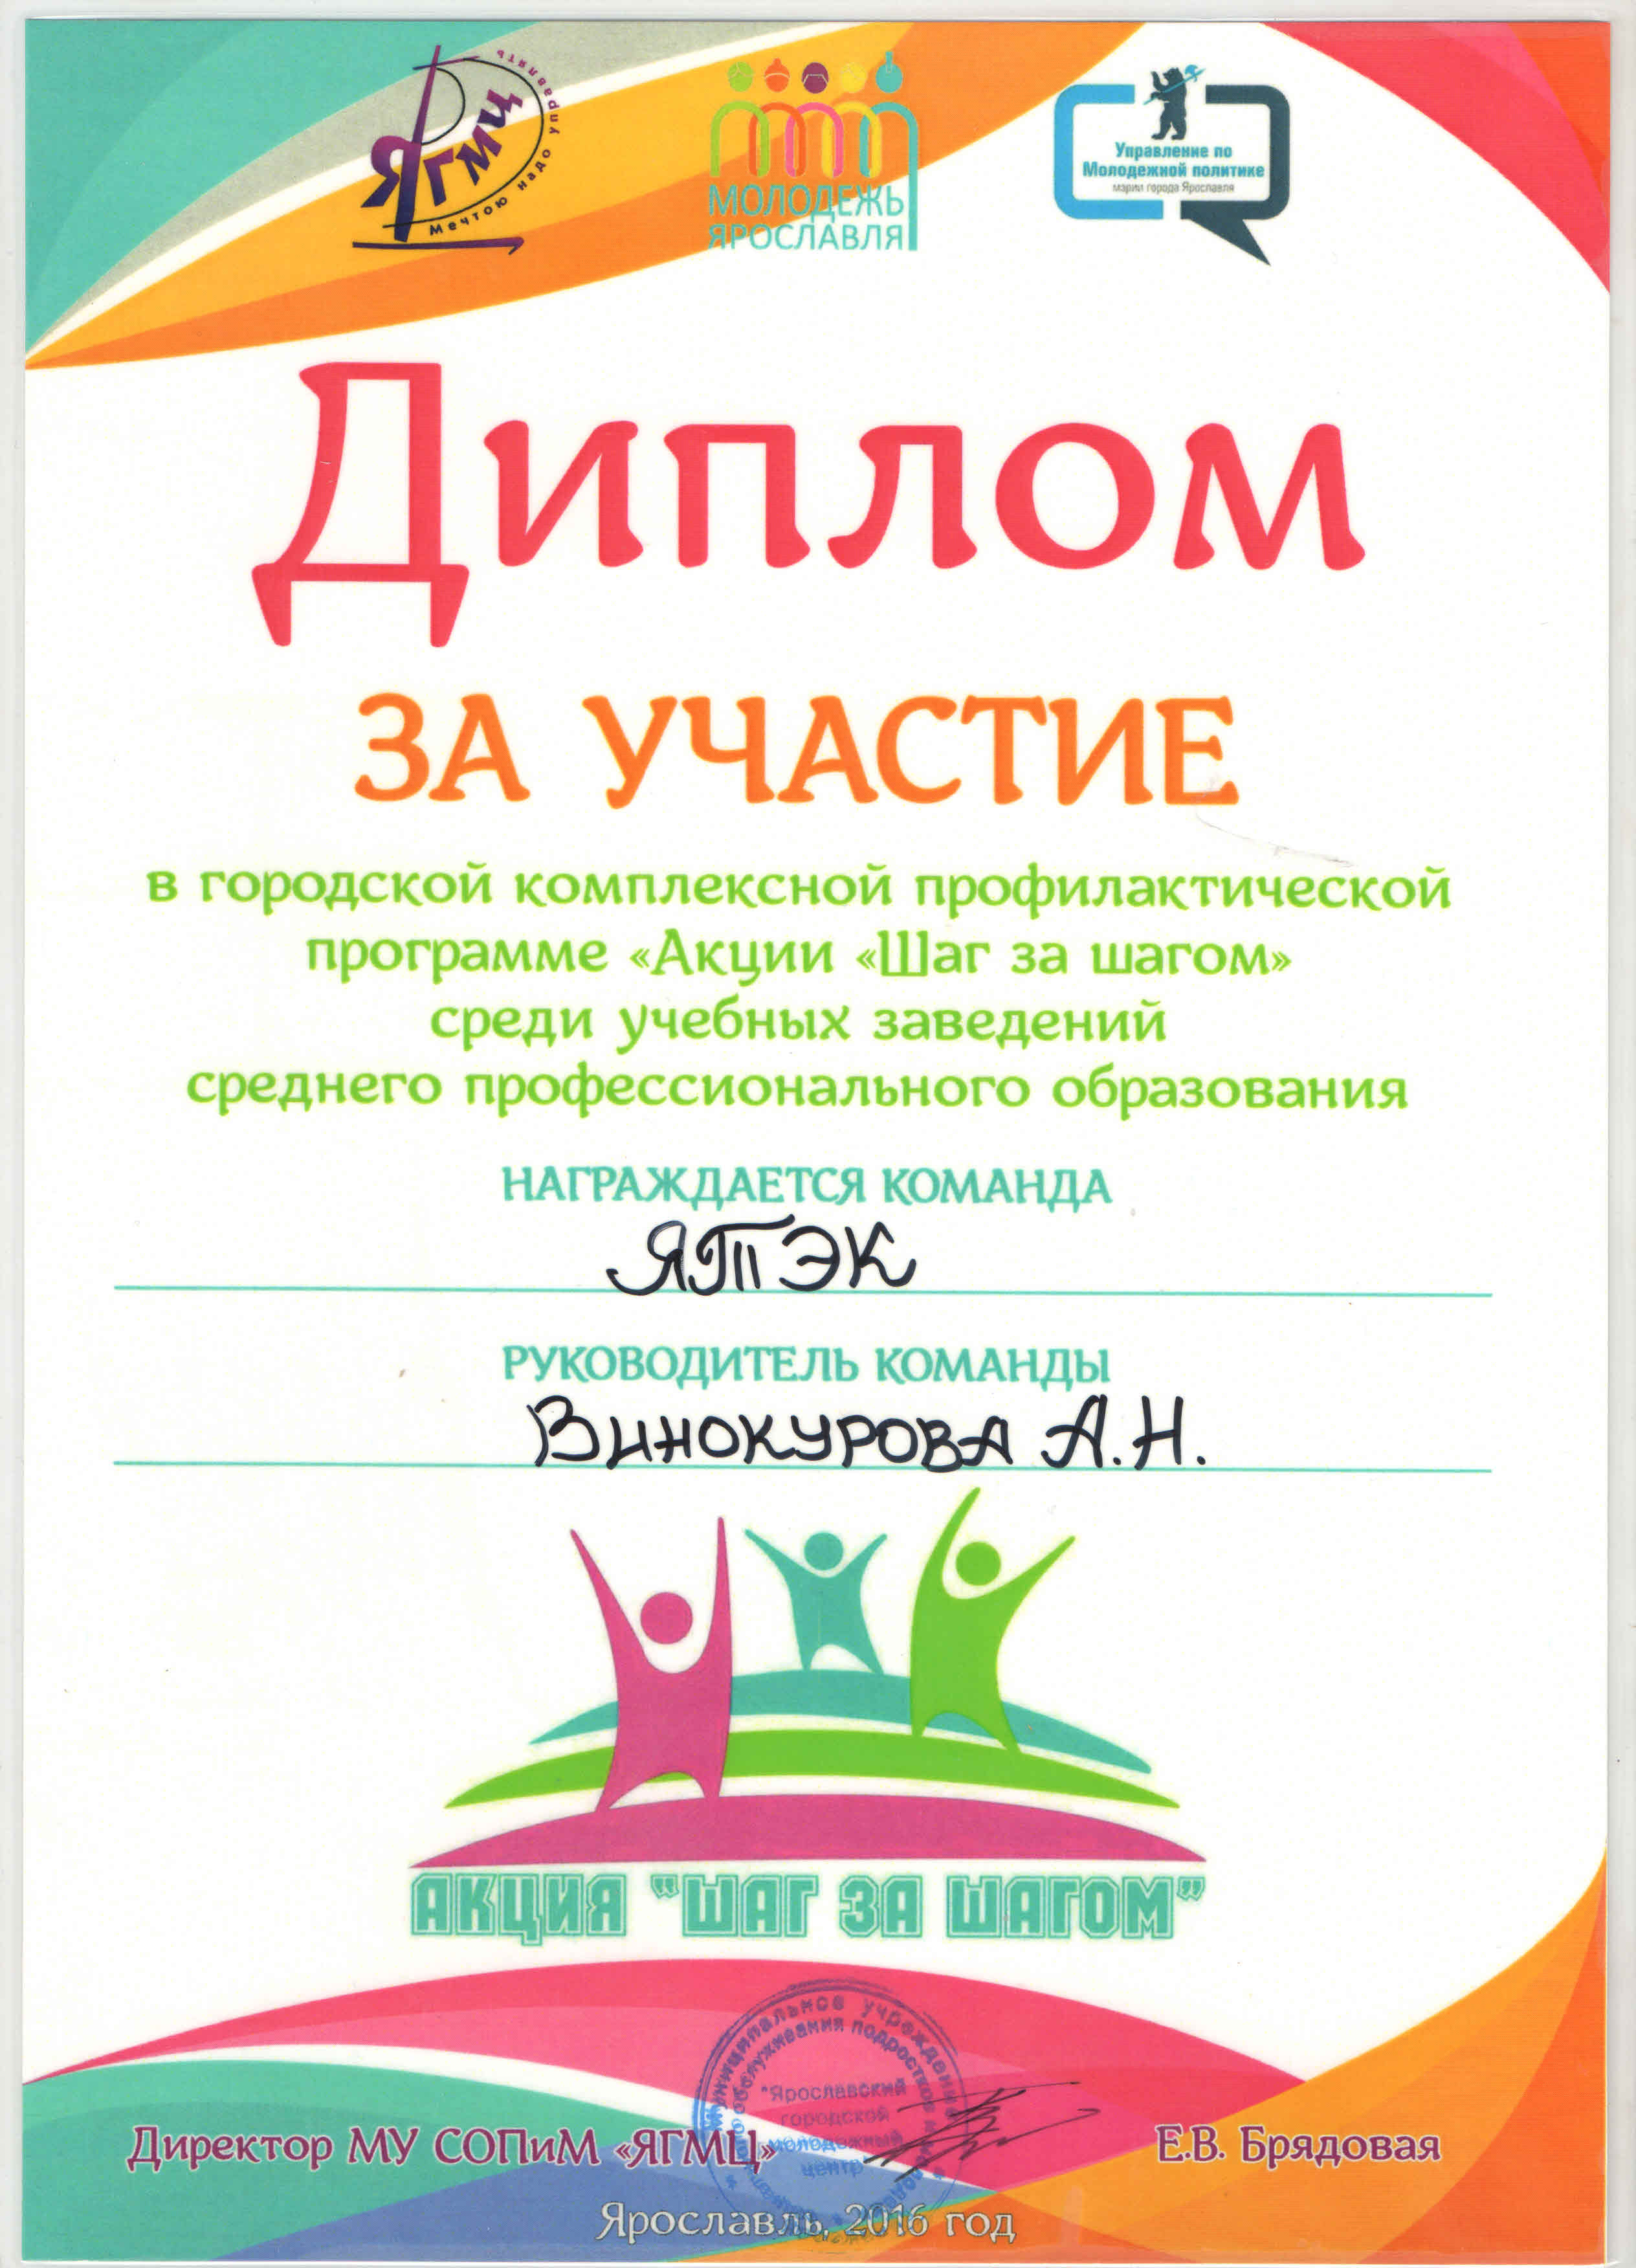 Дипломы  За участие Городская комплексная профилактическая программа акции Шаг за шагом